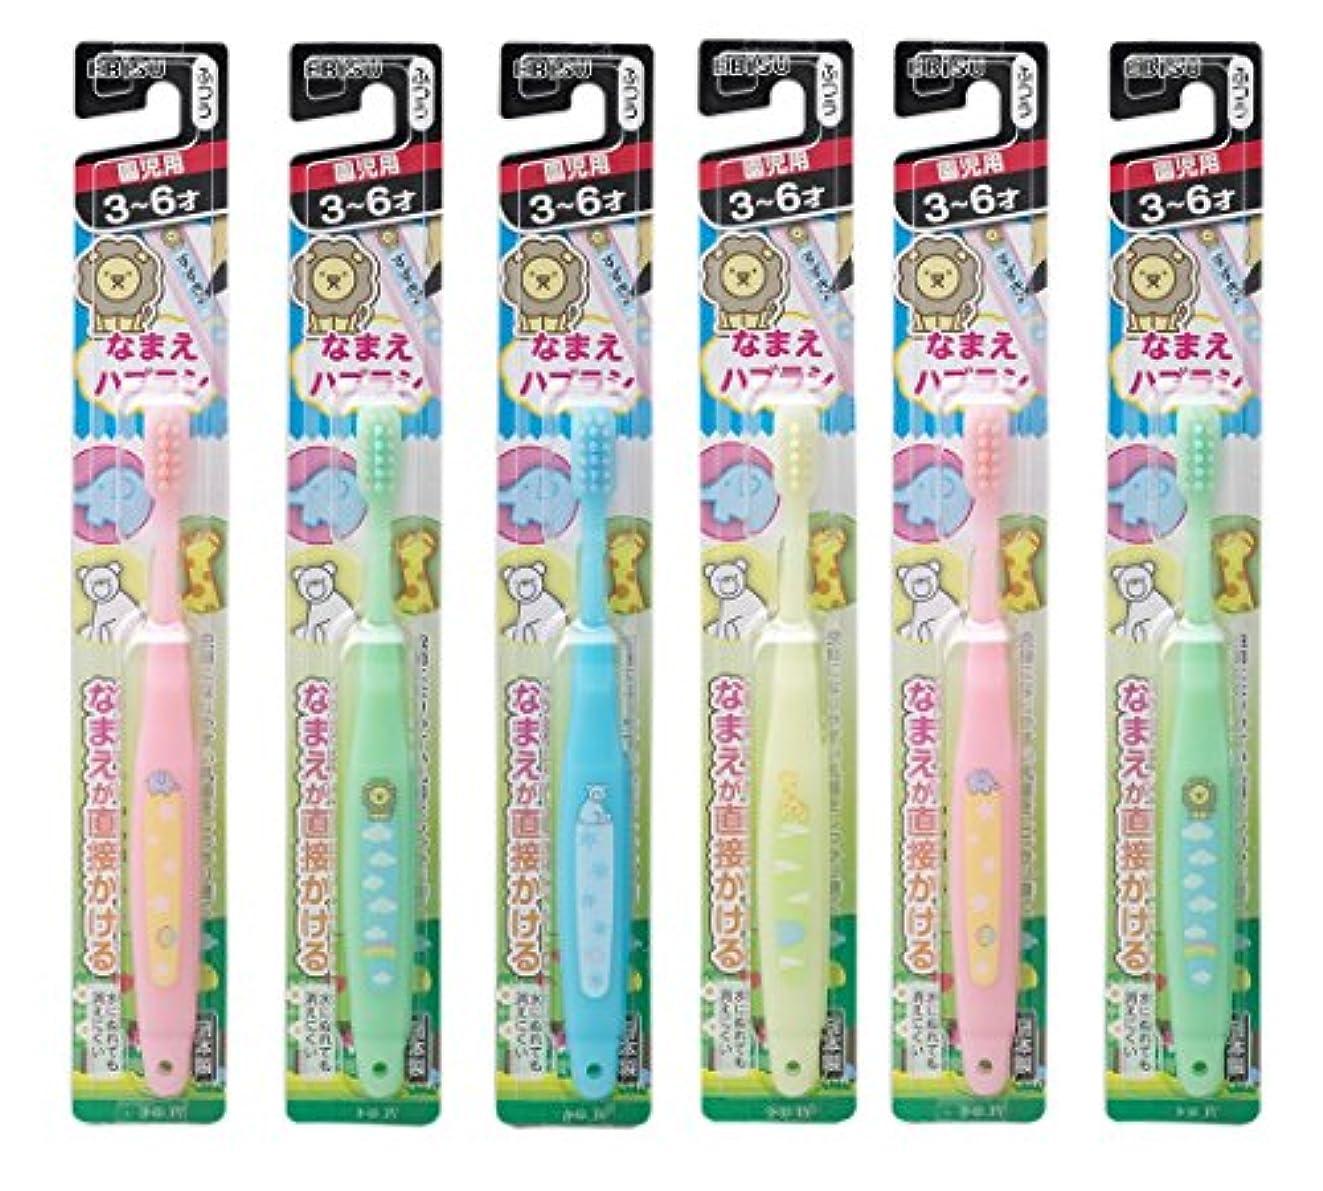 いわゆる強化きれいにエビス 歯ブラシ なまえハブラシ 6本組(色おまかせ)